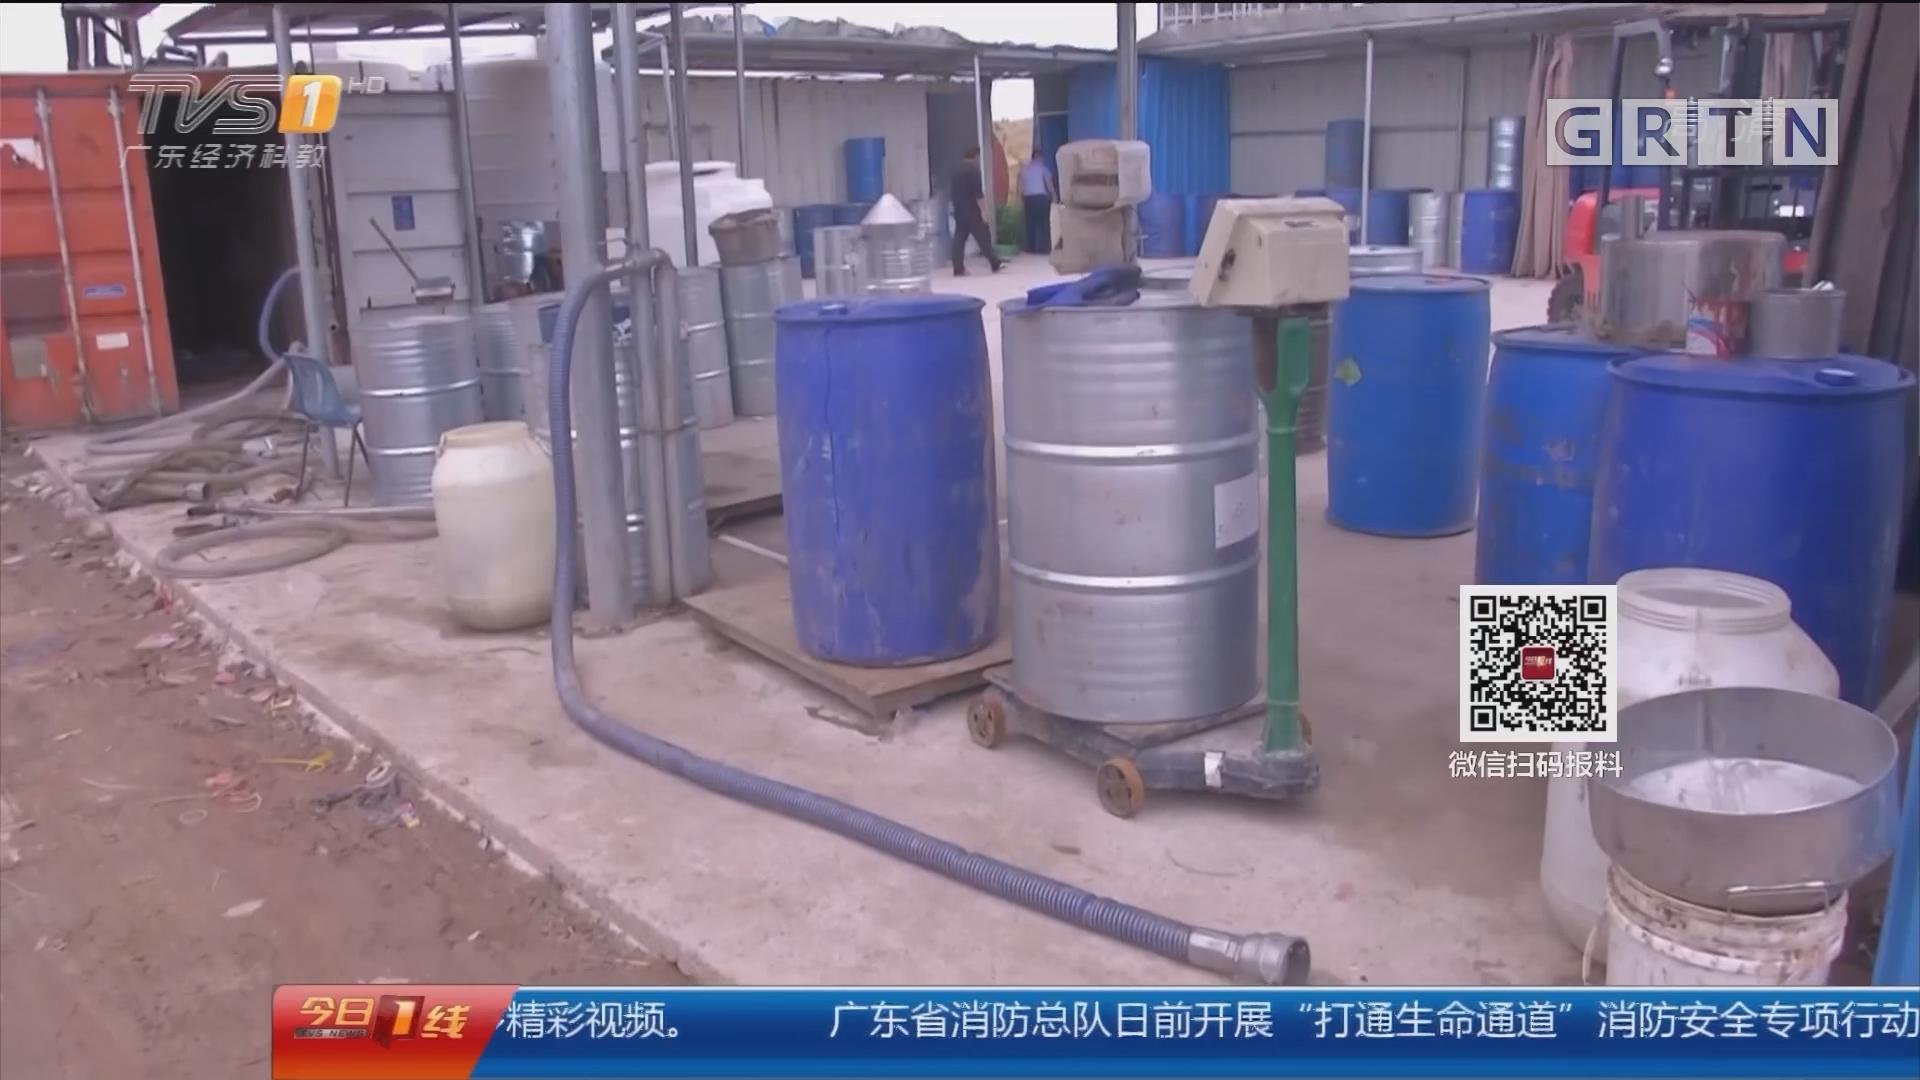 惠州大亚湾区:大亚湾安监执法 严查危化品储藏黑窝点